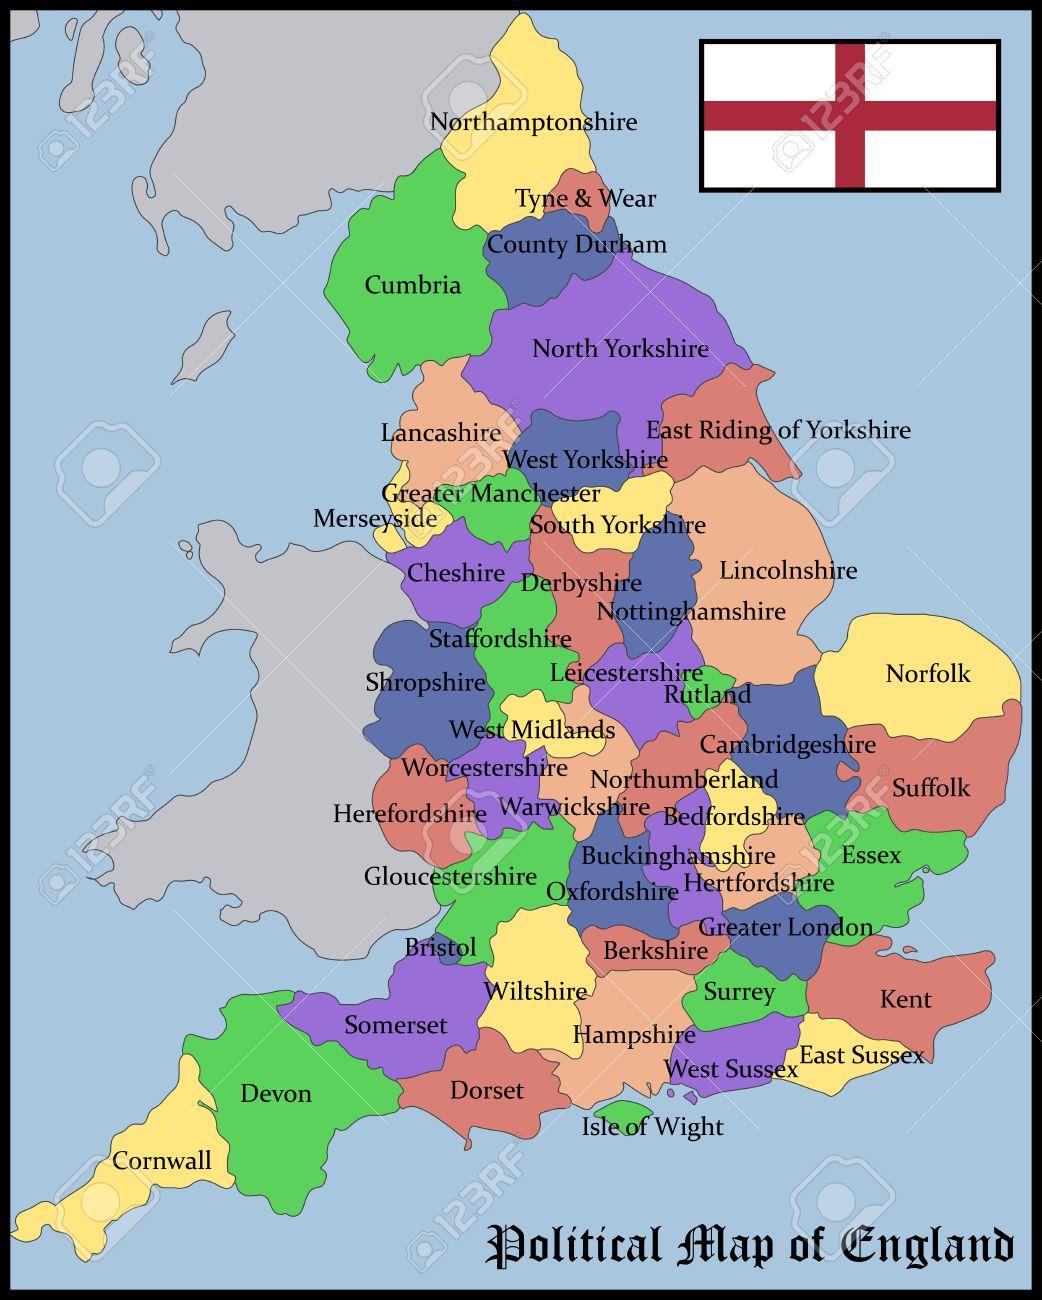 inglaterra no mapa Mapa Político De Inglaterra Ilustraciones Vectoriales, Clip Art  inglaterra no mapa